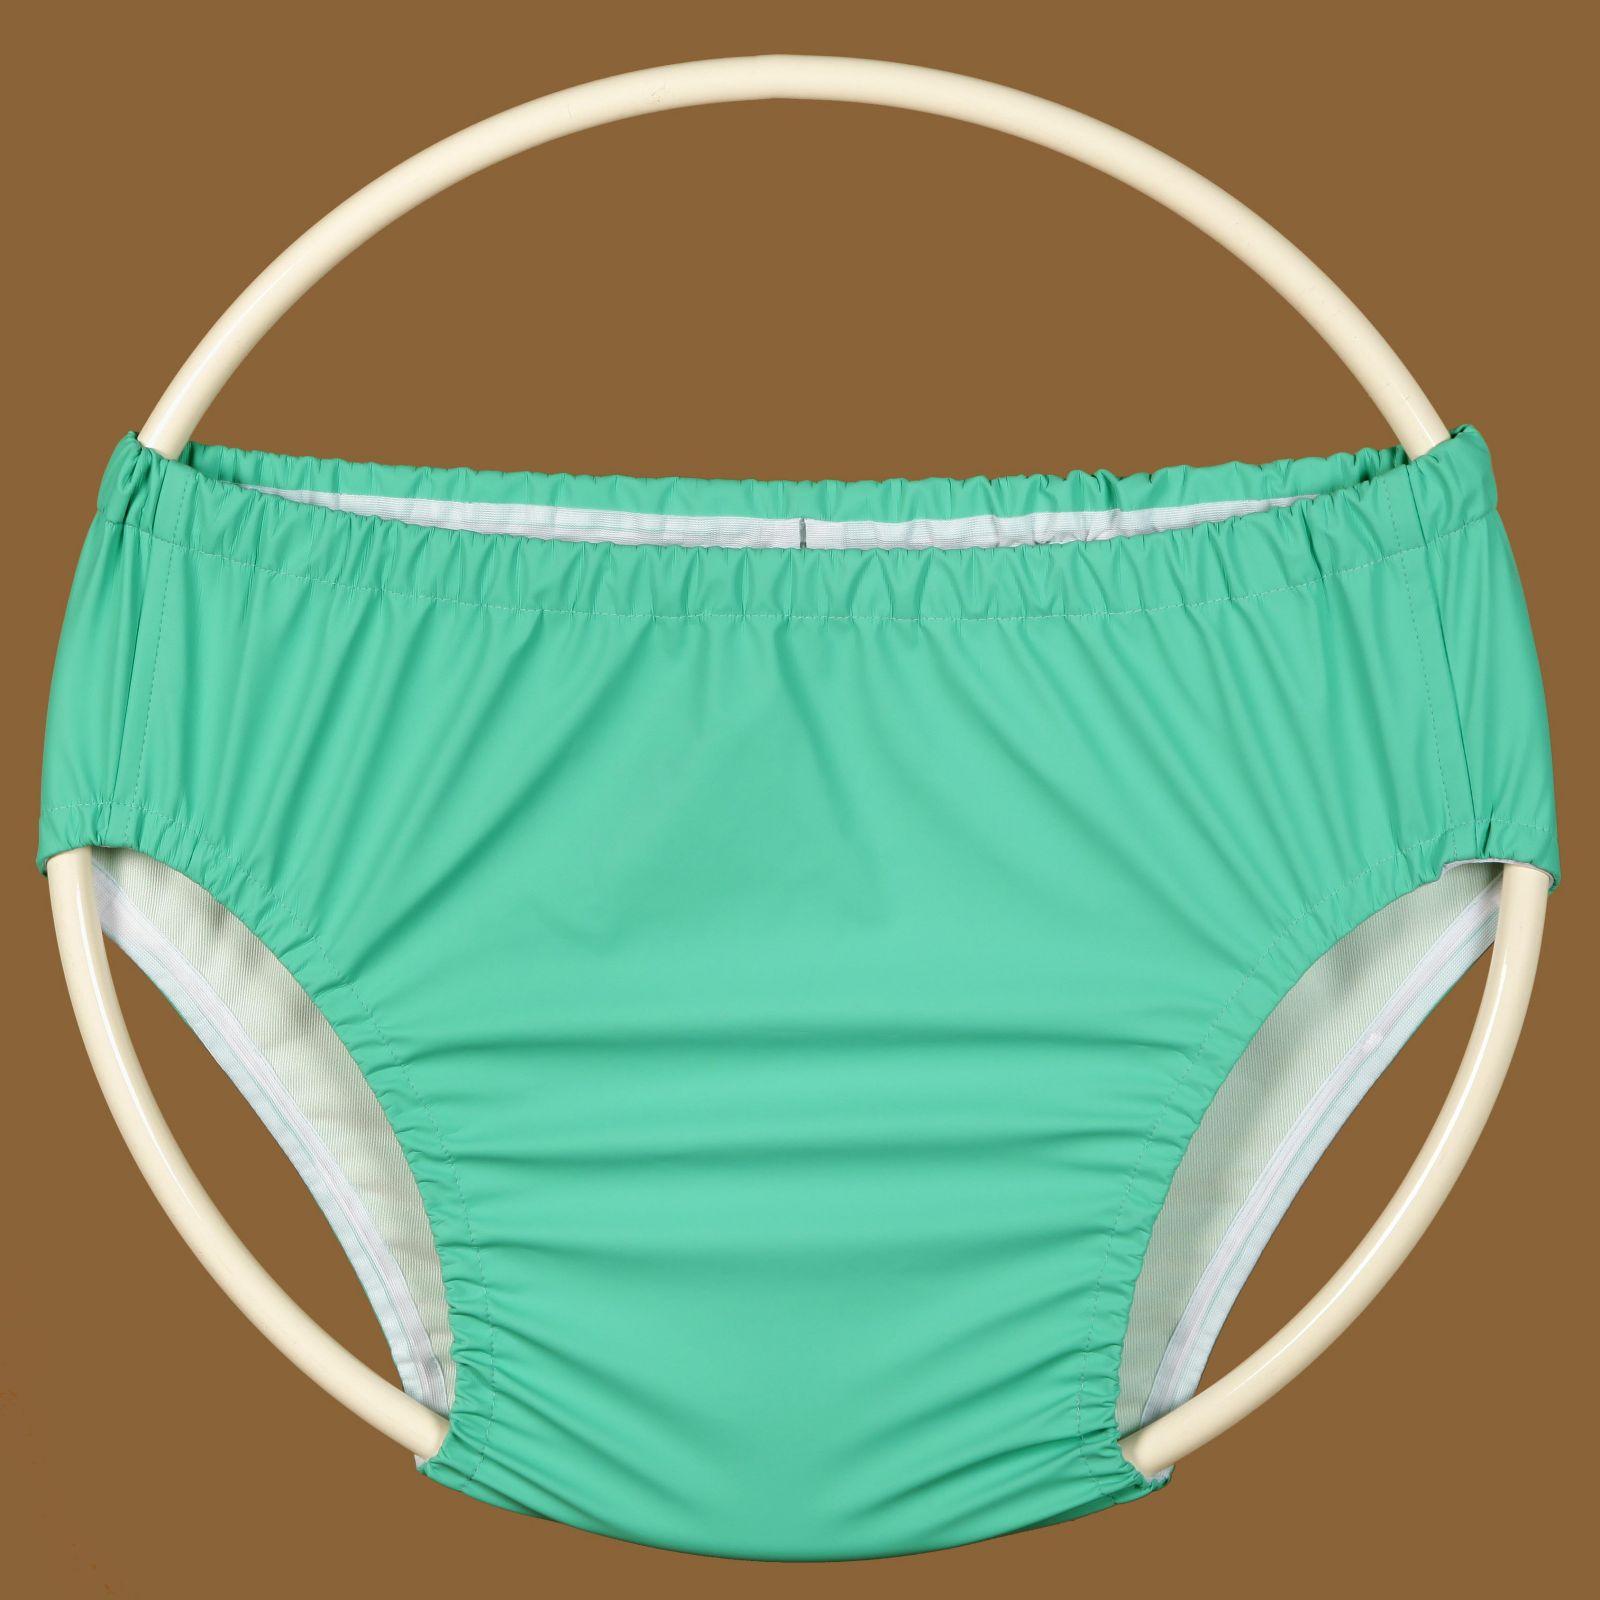 Ochranné inkontinenční kalhotky MEDIK KLASIK nízké In-Tex